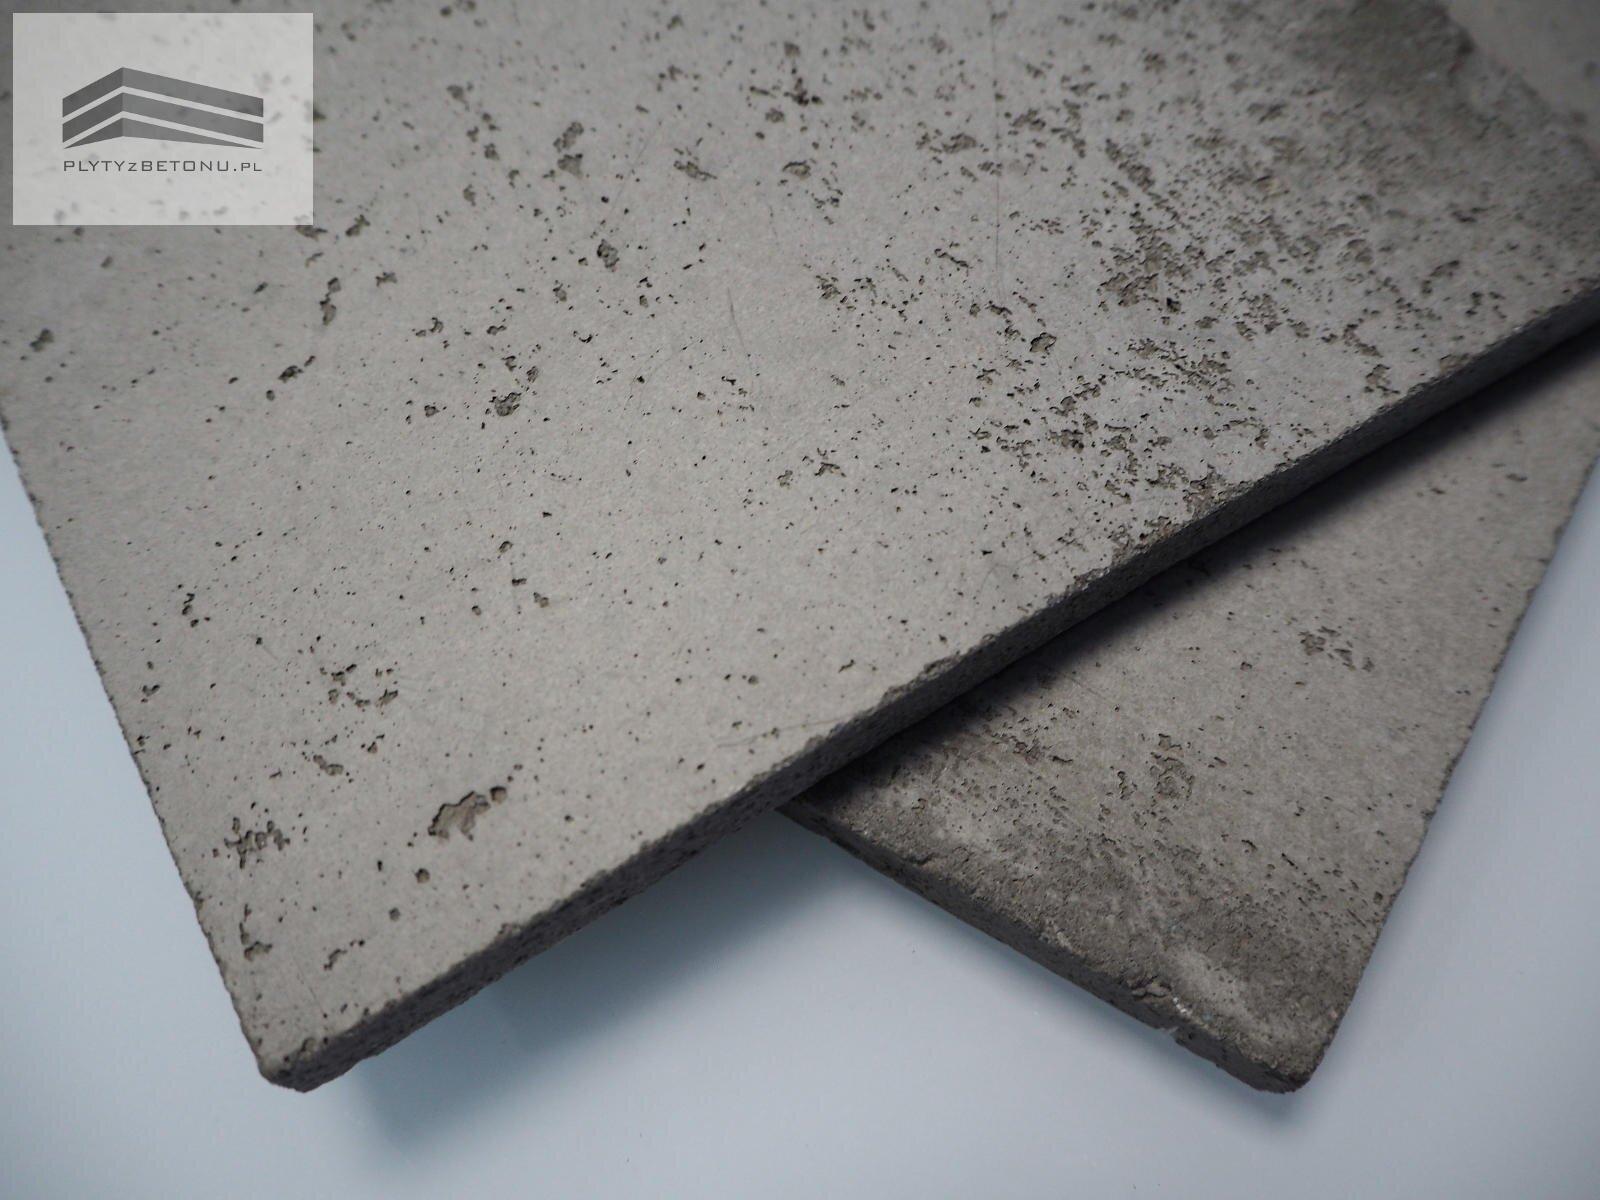 beton-architektoniczny-plyty-betonowe-na-wymiar0